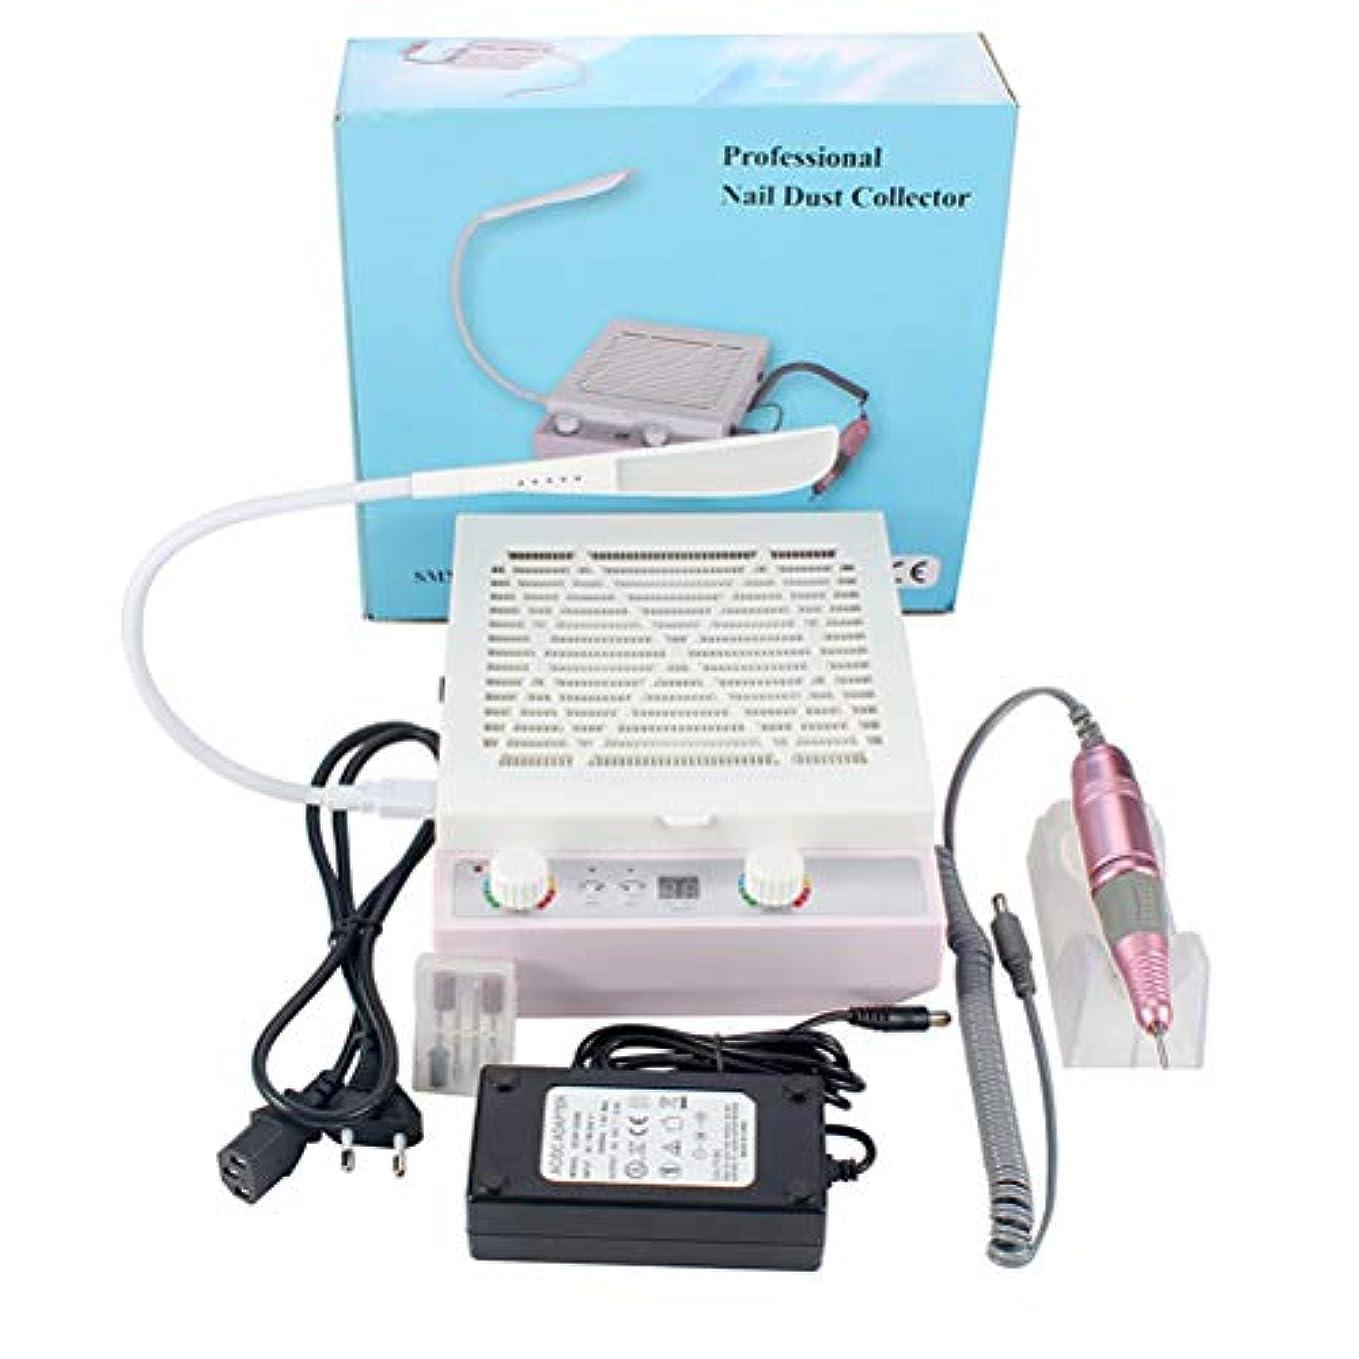 コンドーム本会議落ち着かないサロンホームマニキュア用LEDディスプレイとLEDライトと研磨ペン45Wハイパワーと3-IN-1ネイル集塵機